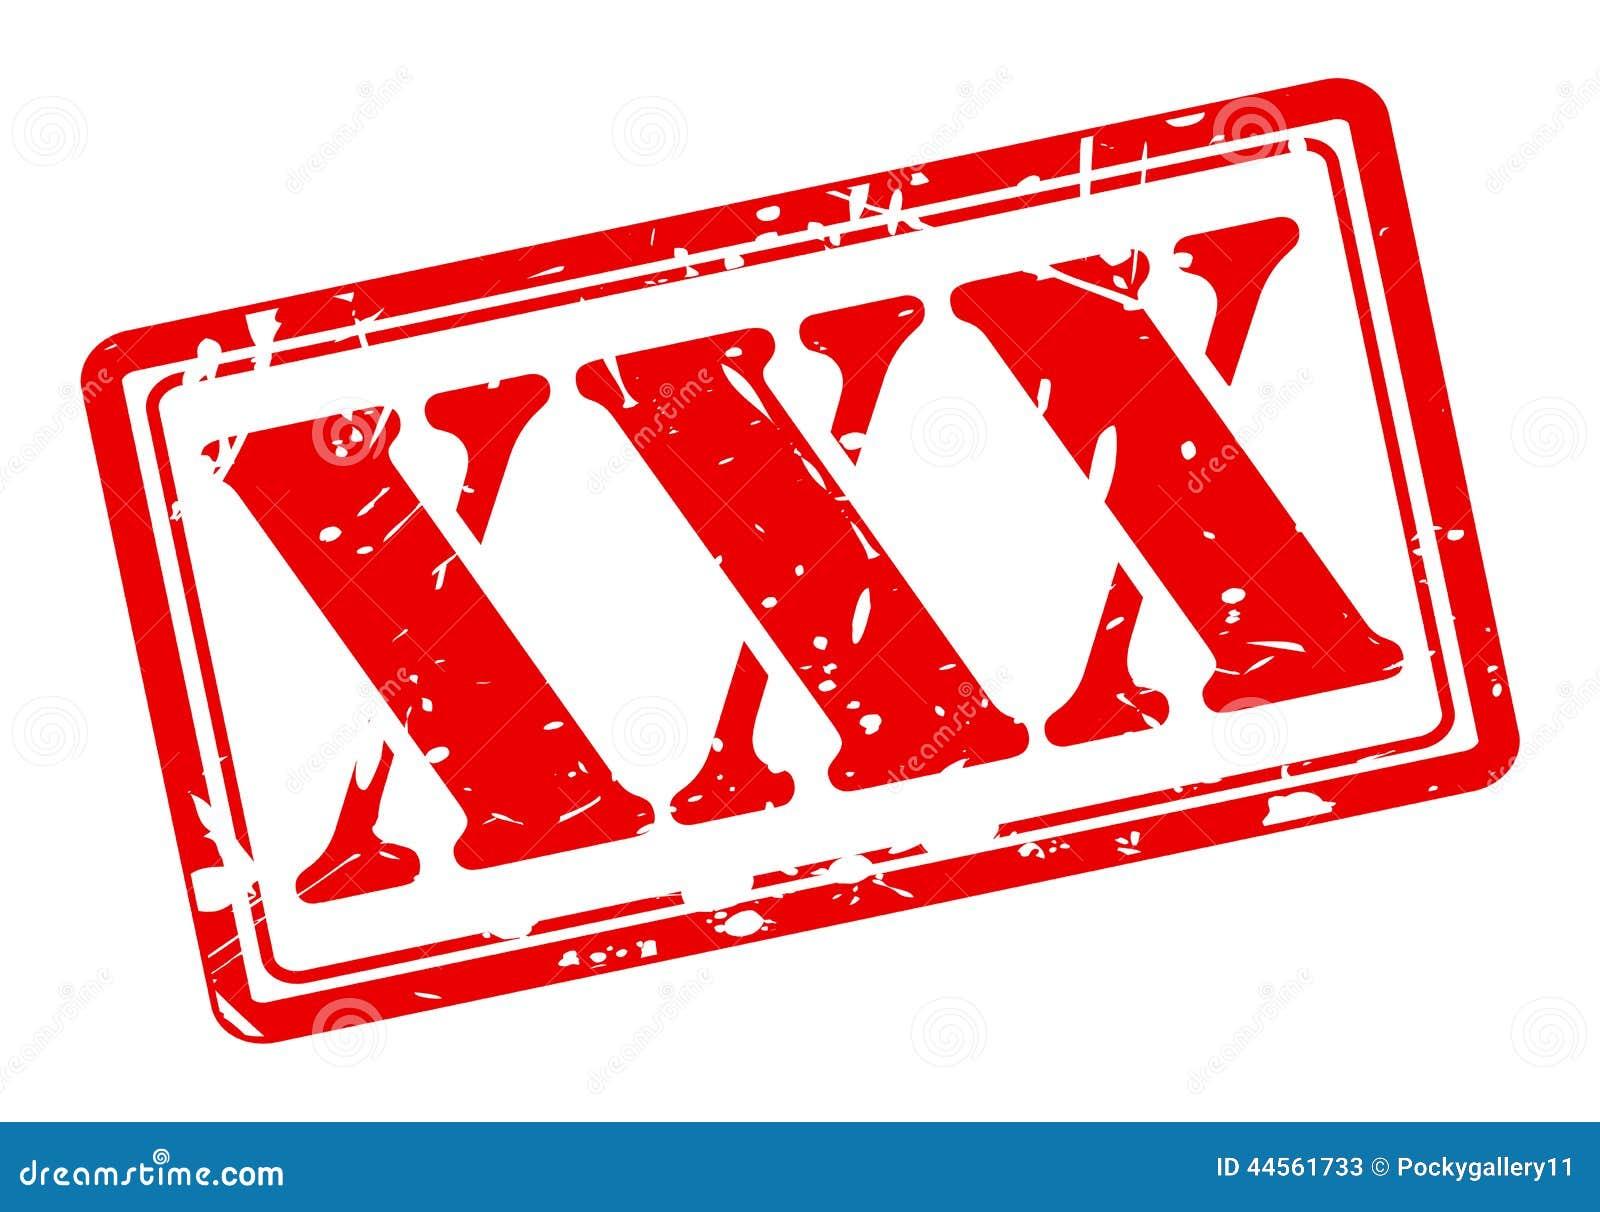 xxx Art clip